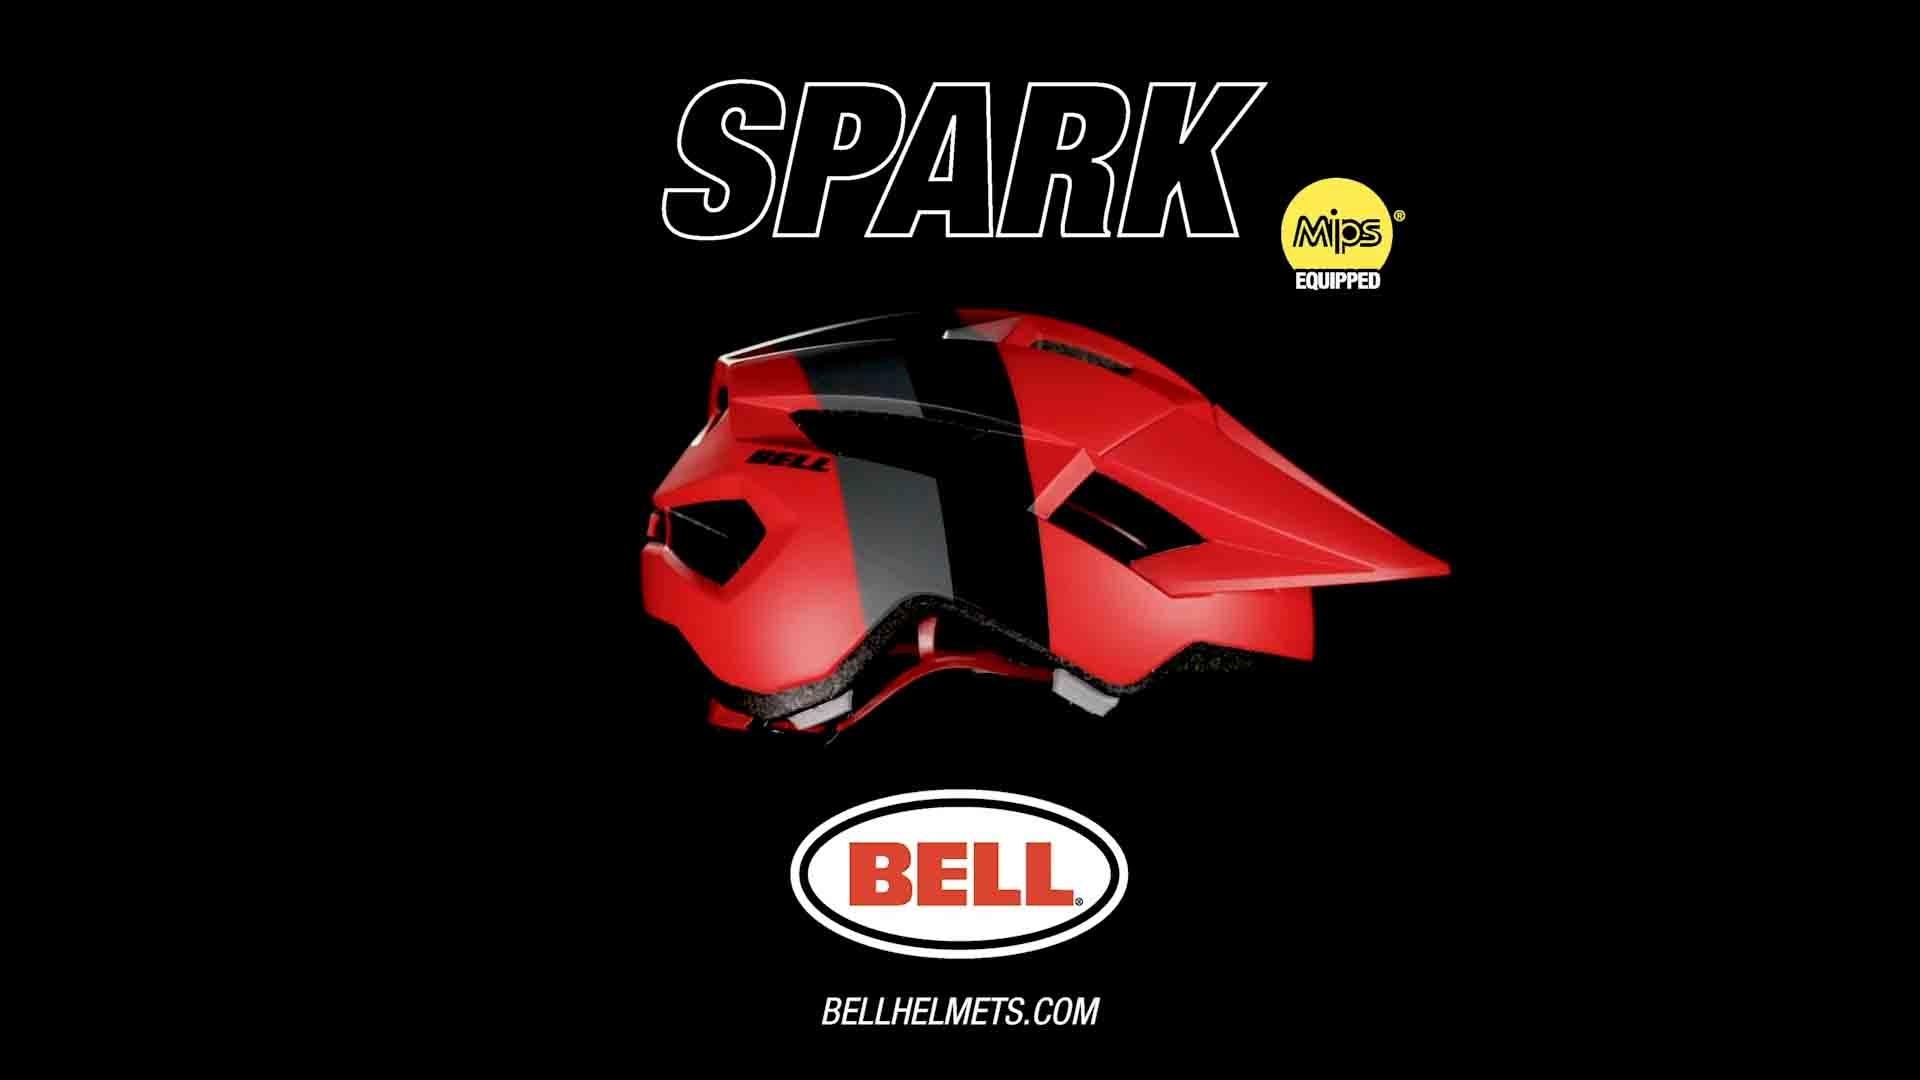 Spark MIPS Tech Video | Bell Helmets